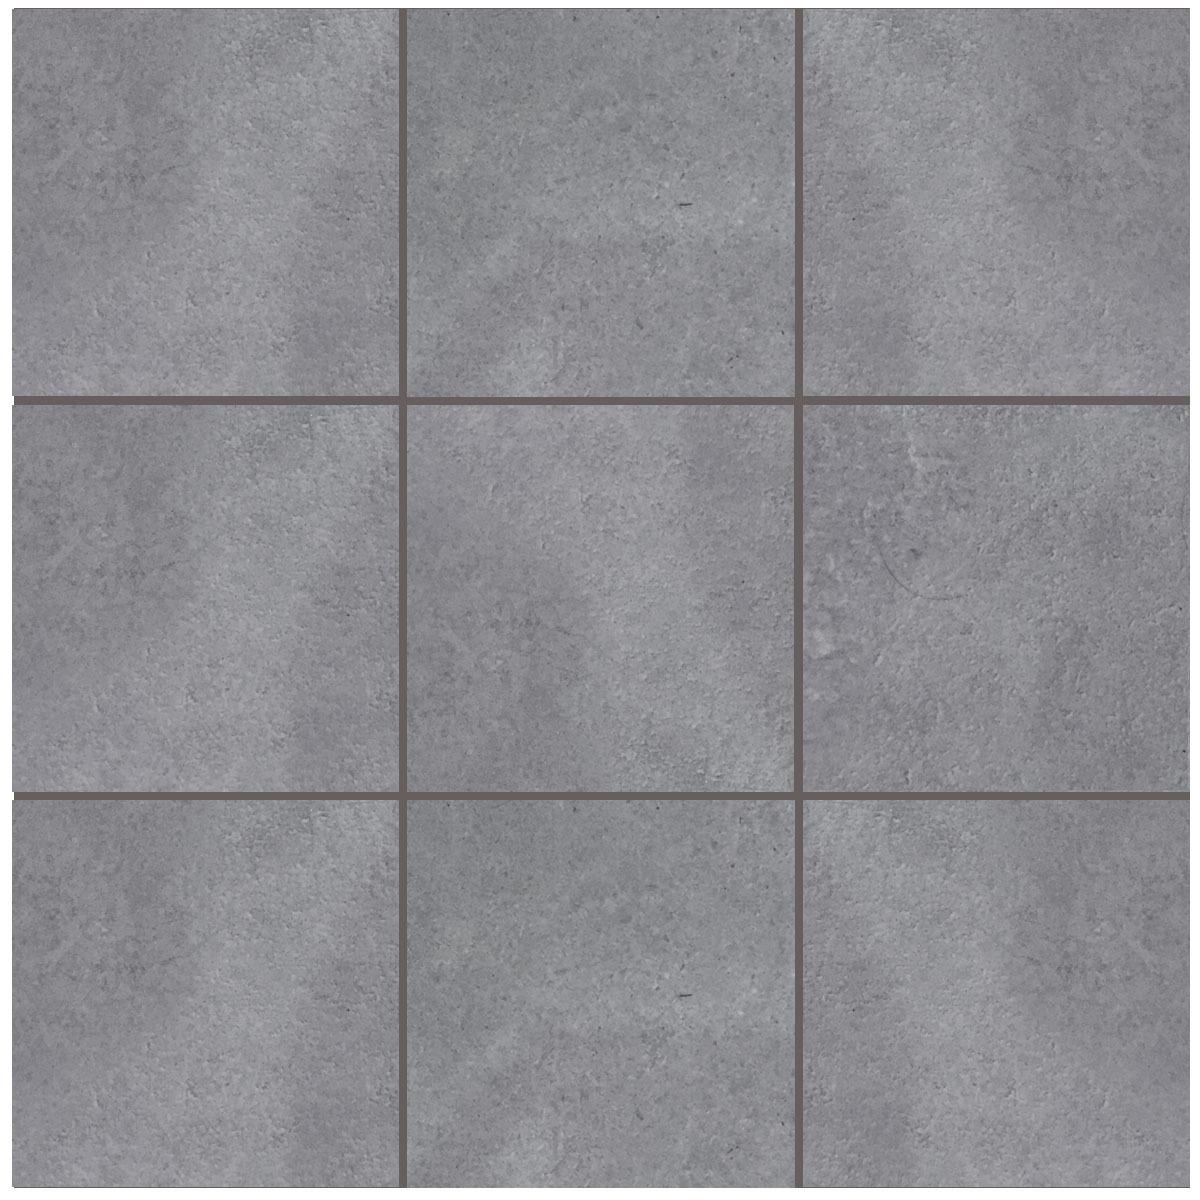 Colorker Urban Mix Series Steel Anti-Slip Mosaic (295x295mm)